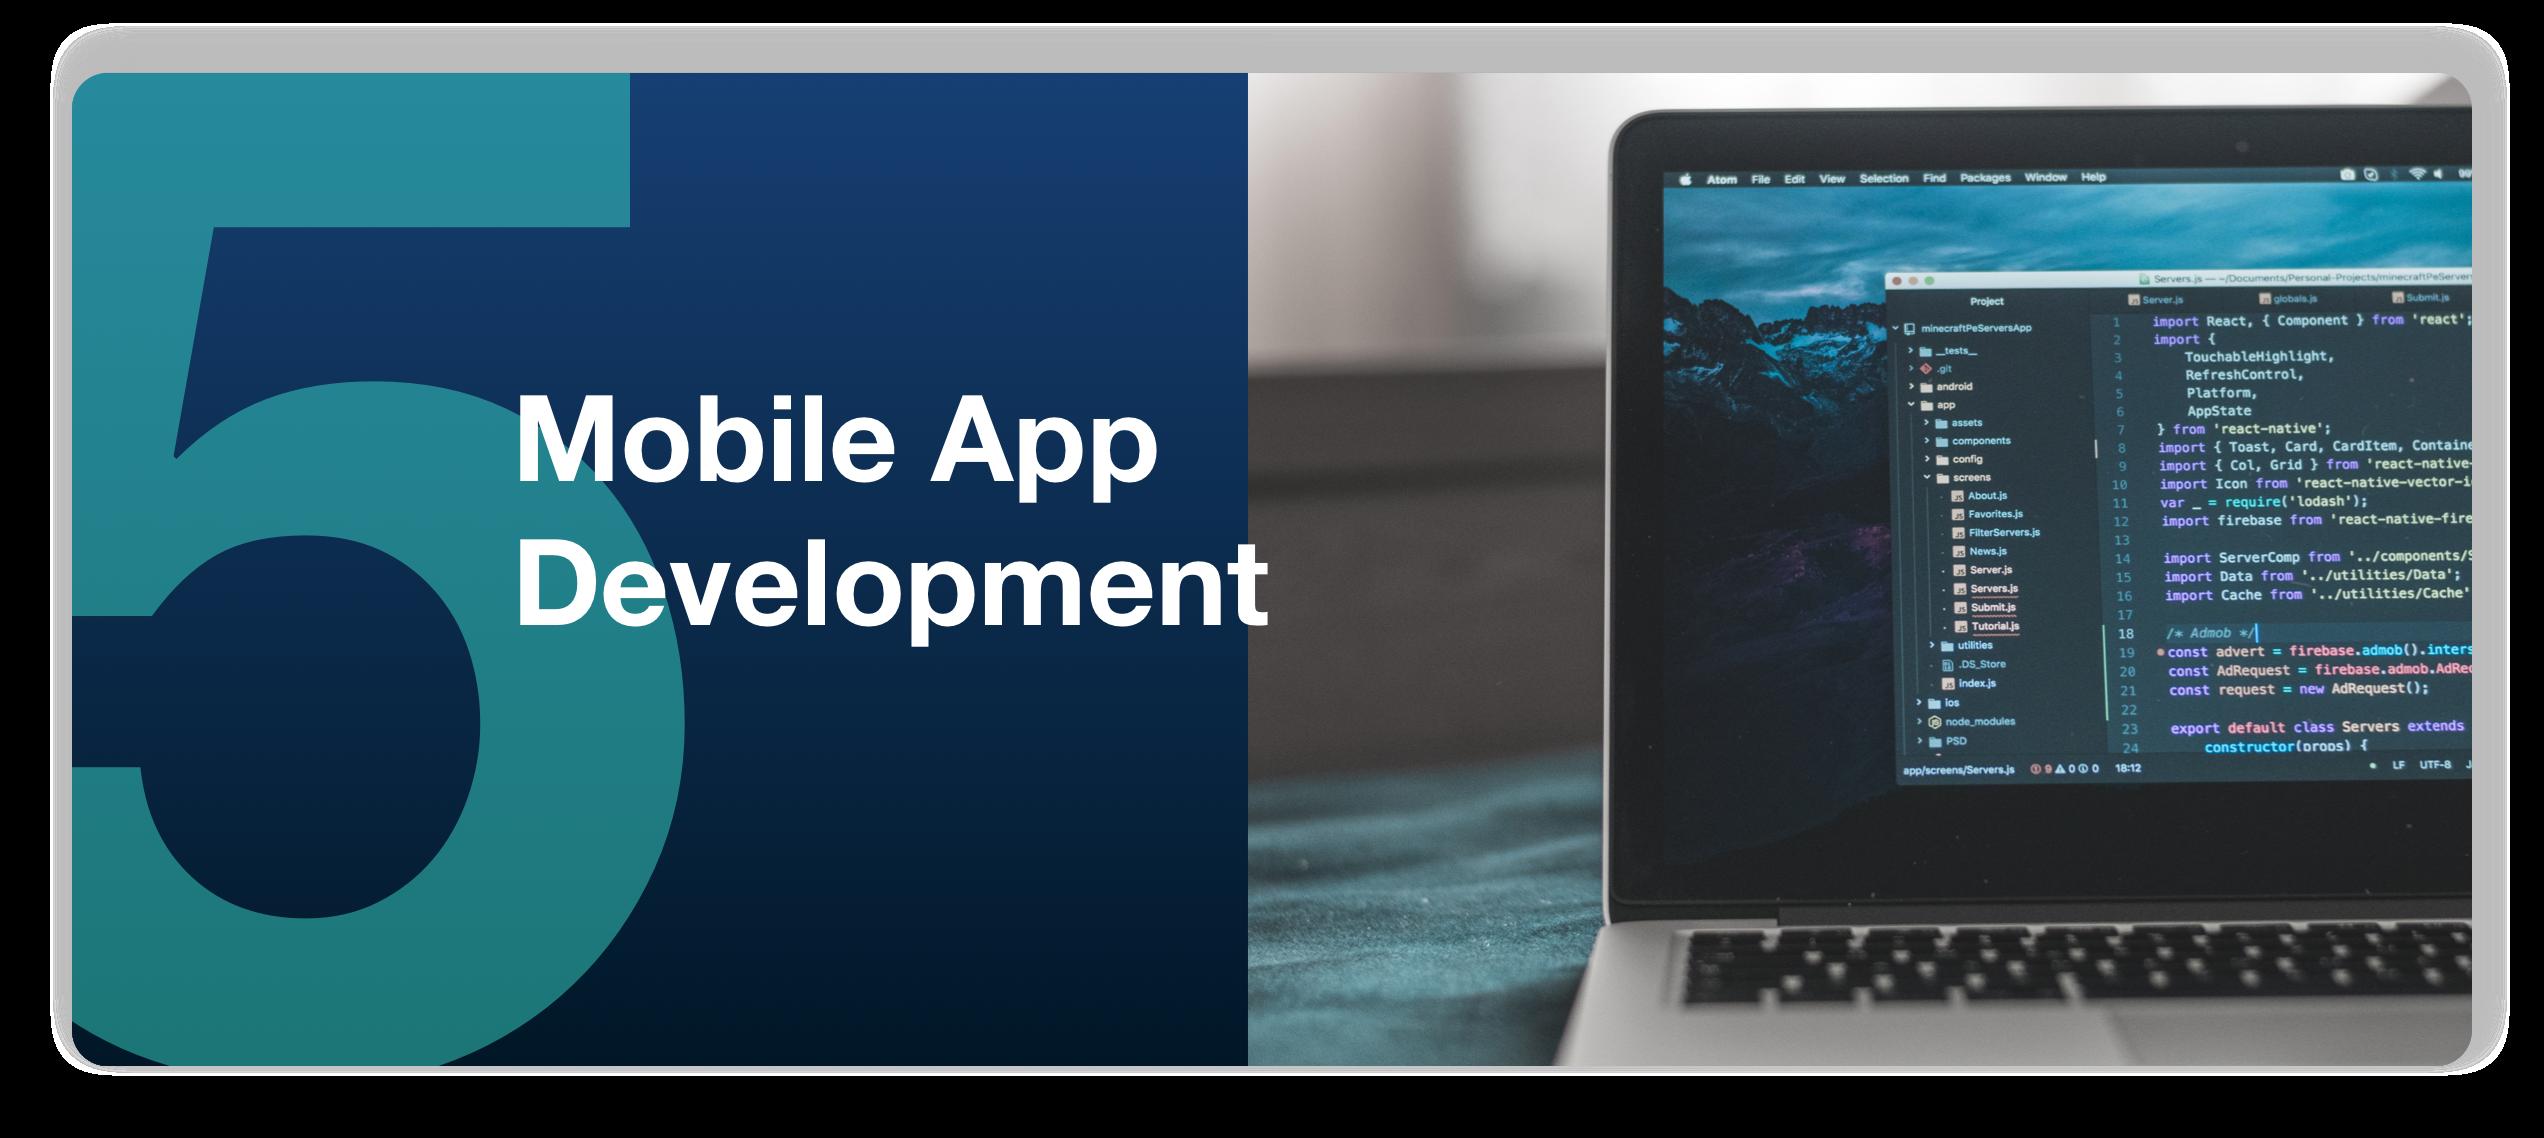 how-to-make-an-app-step-5-full-mobile-app-development